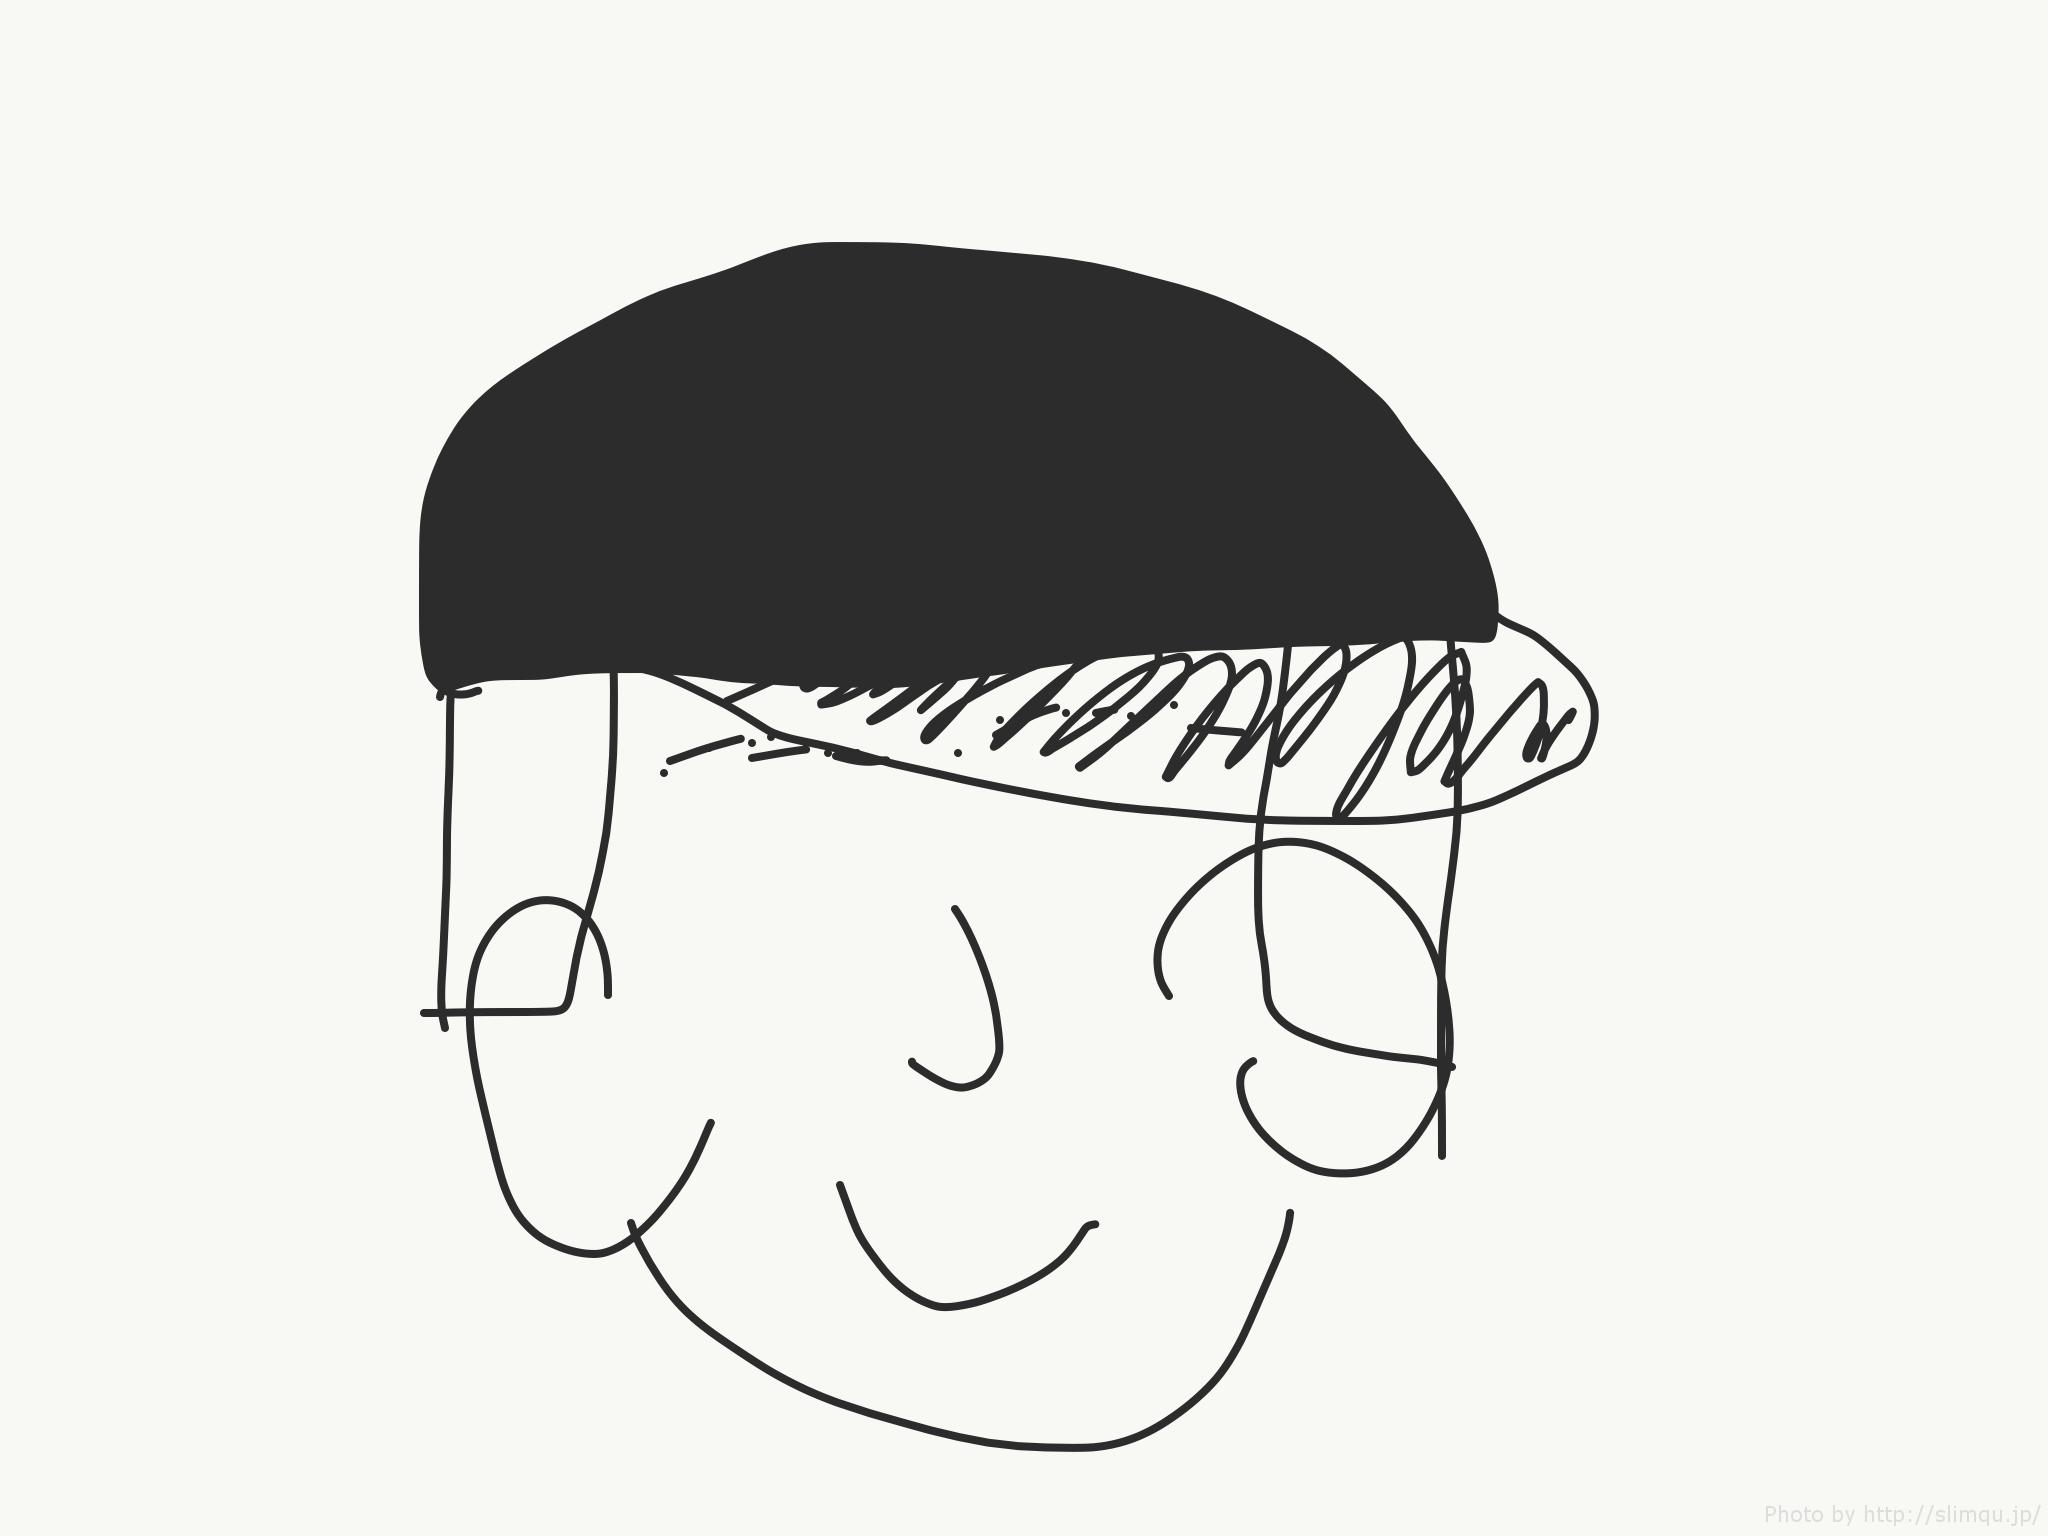 ツバのある帽子の図